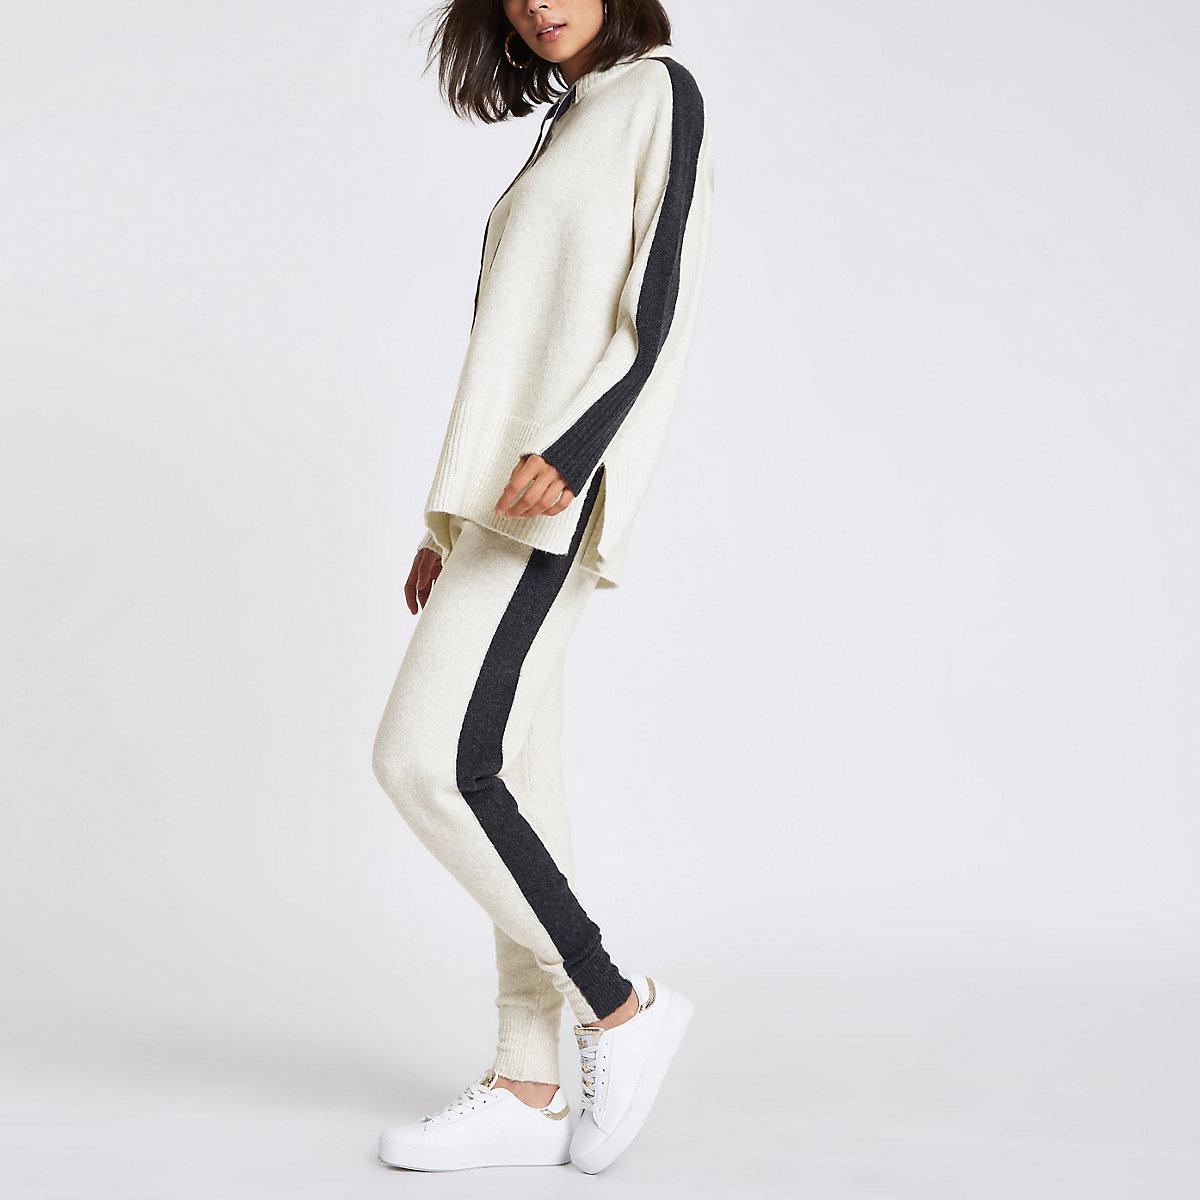 Beige knit side stripe joggers